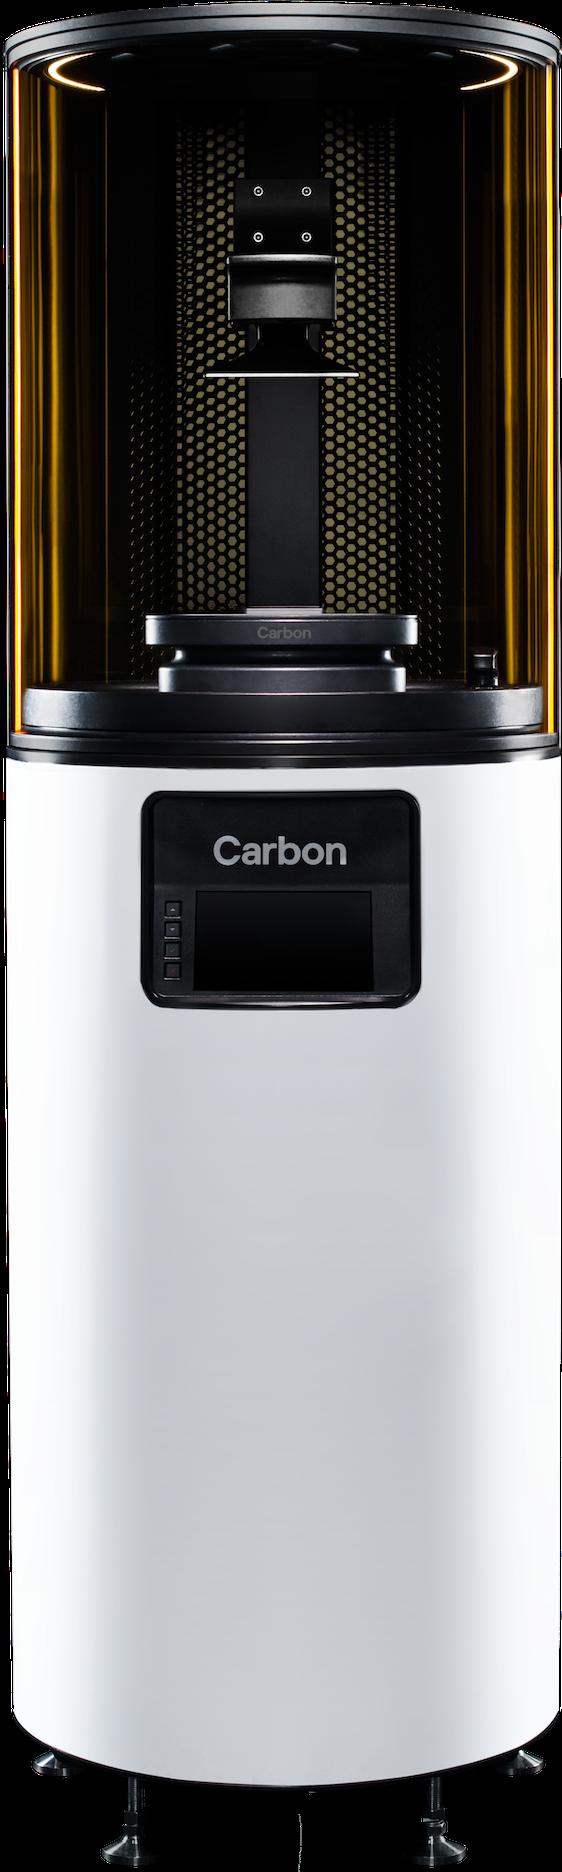 Carbon's M1 3D printer